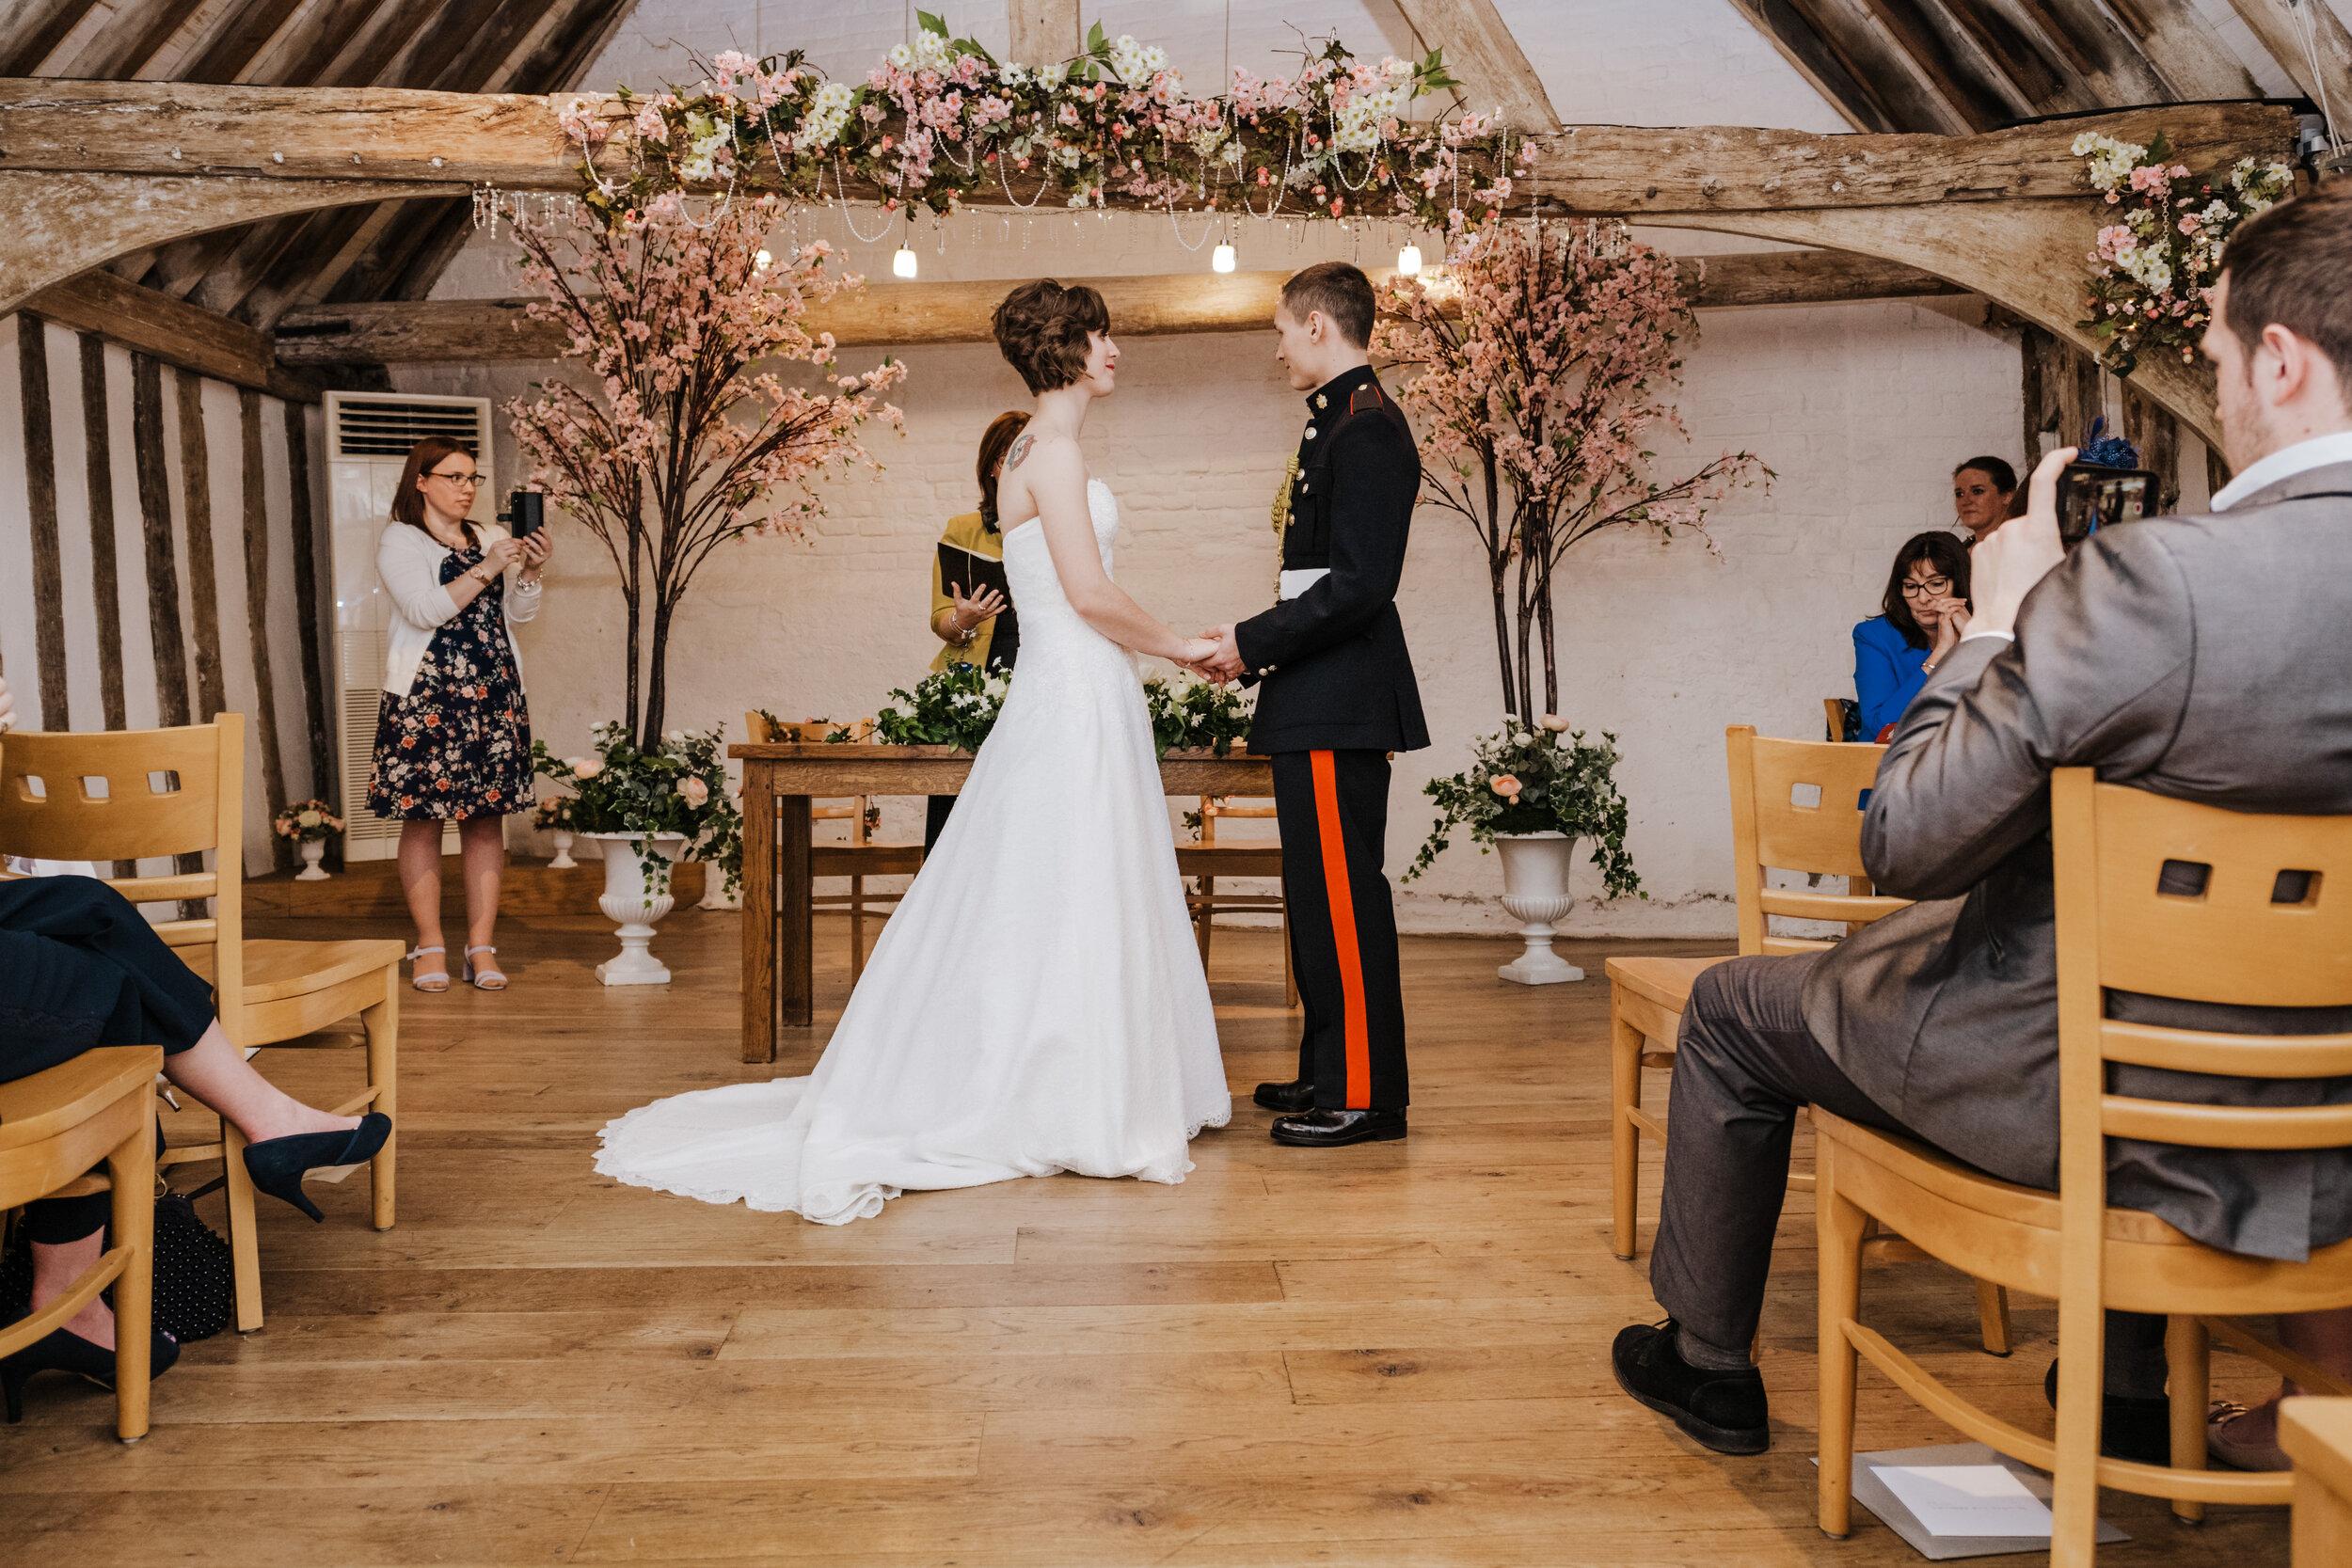 SUFFOLK_WEDDING_PHOTOGRAPHY_ISAACS_WEDDING_VENUE_WEDDINGPHOTOGRAPHERNEARME_iPSWICHWEDDINGPHOTOGRAPHER (41).jpg